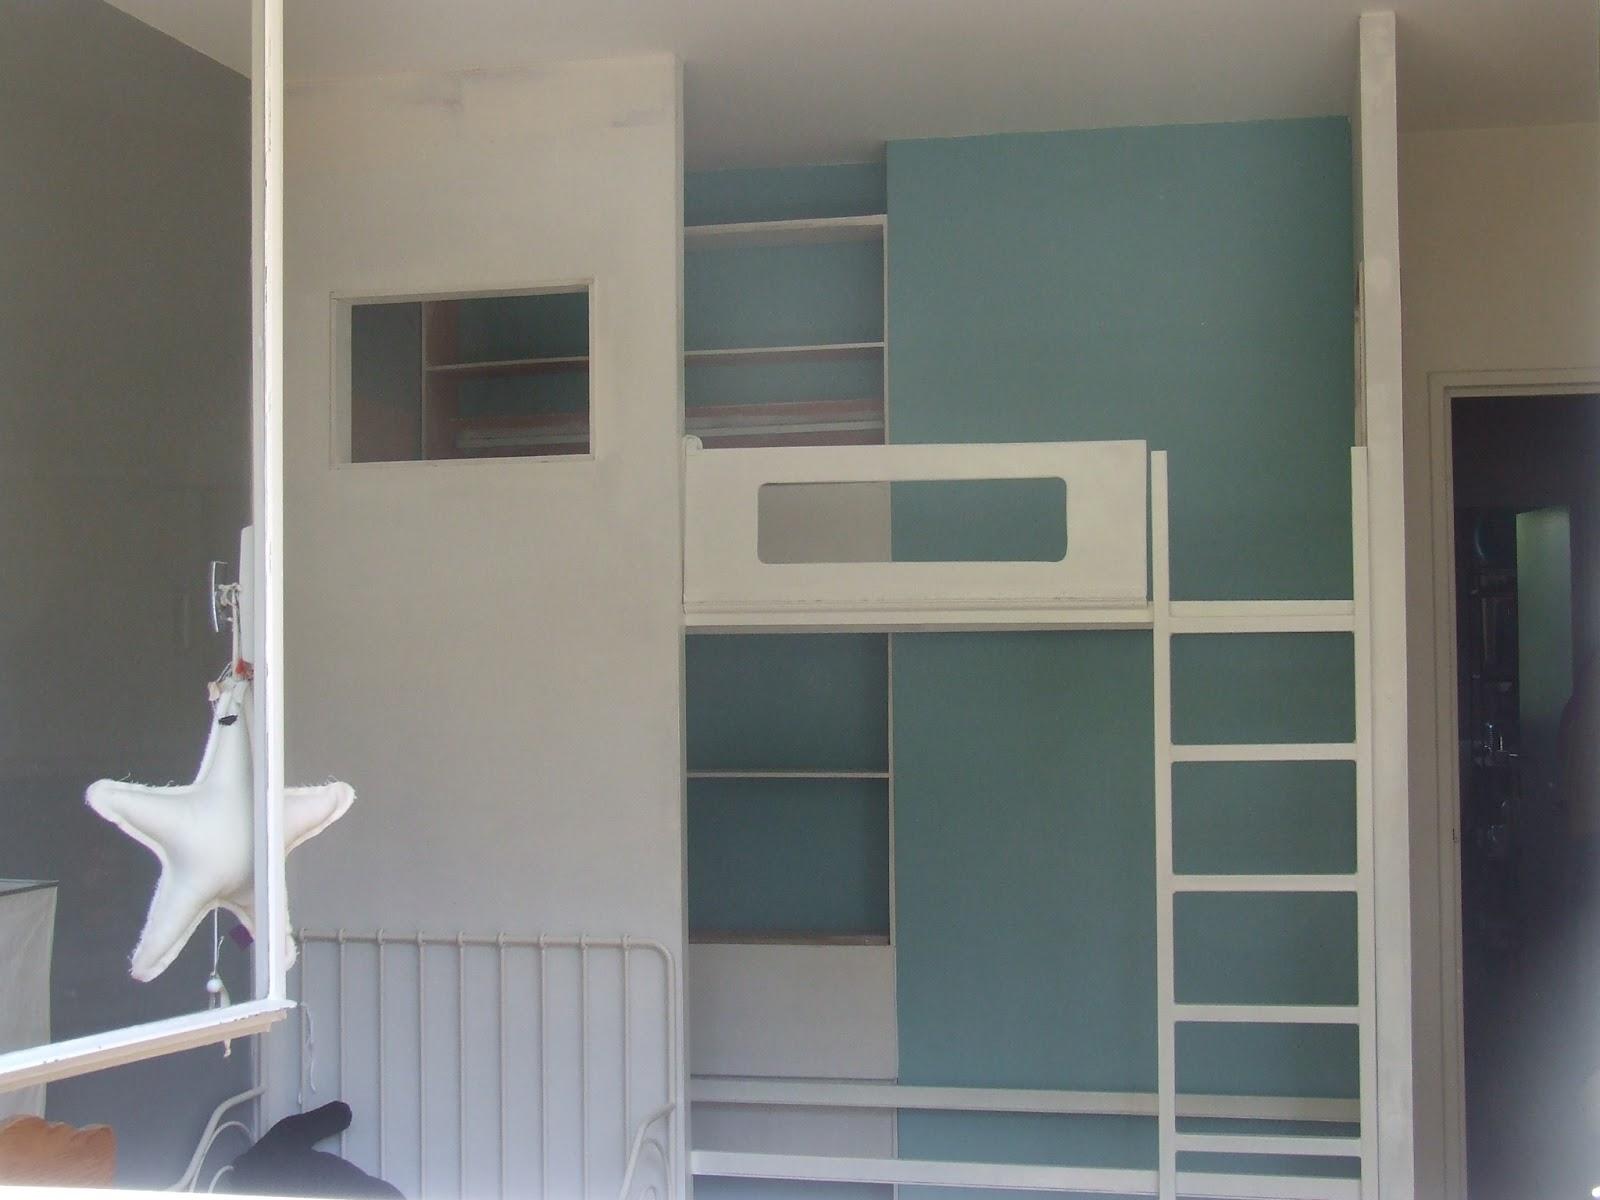 lit cabane sur mesure meudon 92 ferronnerie le fur. Black Bedroom Furniture Sets. Home Design Ideas